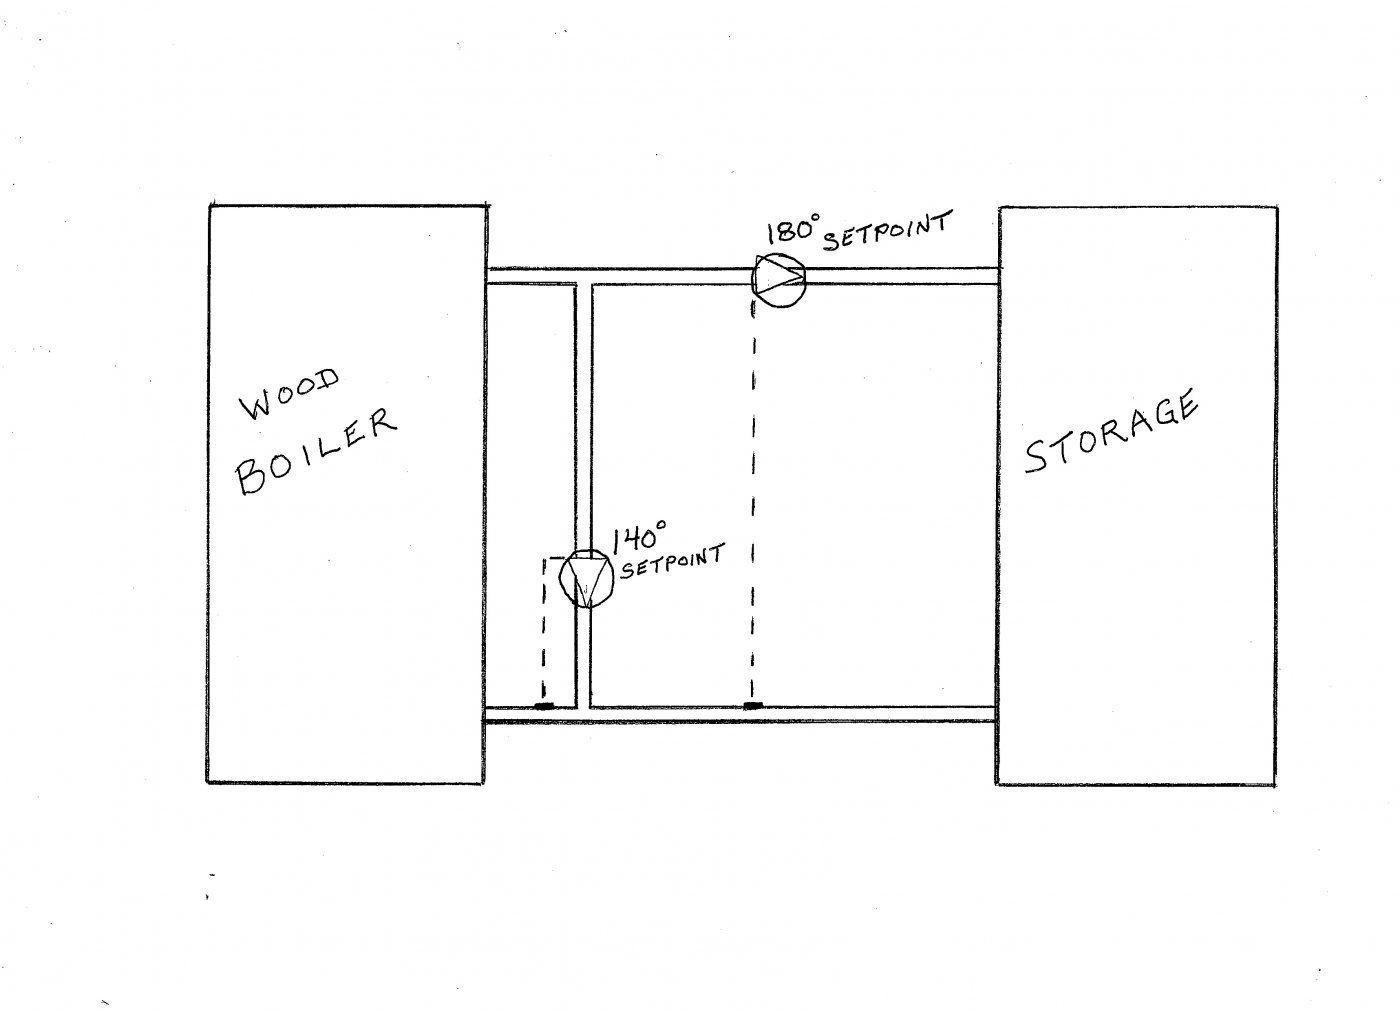 Boiler Protection.jpg